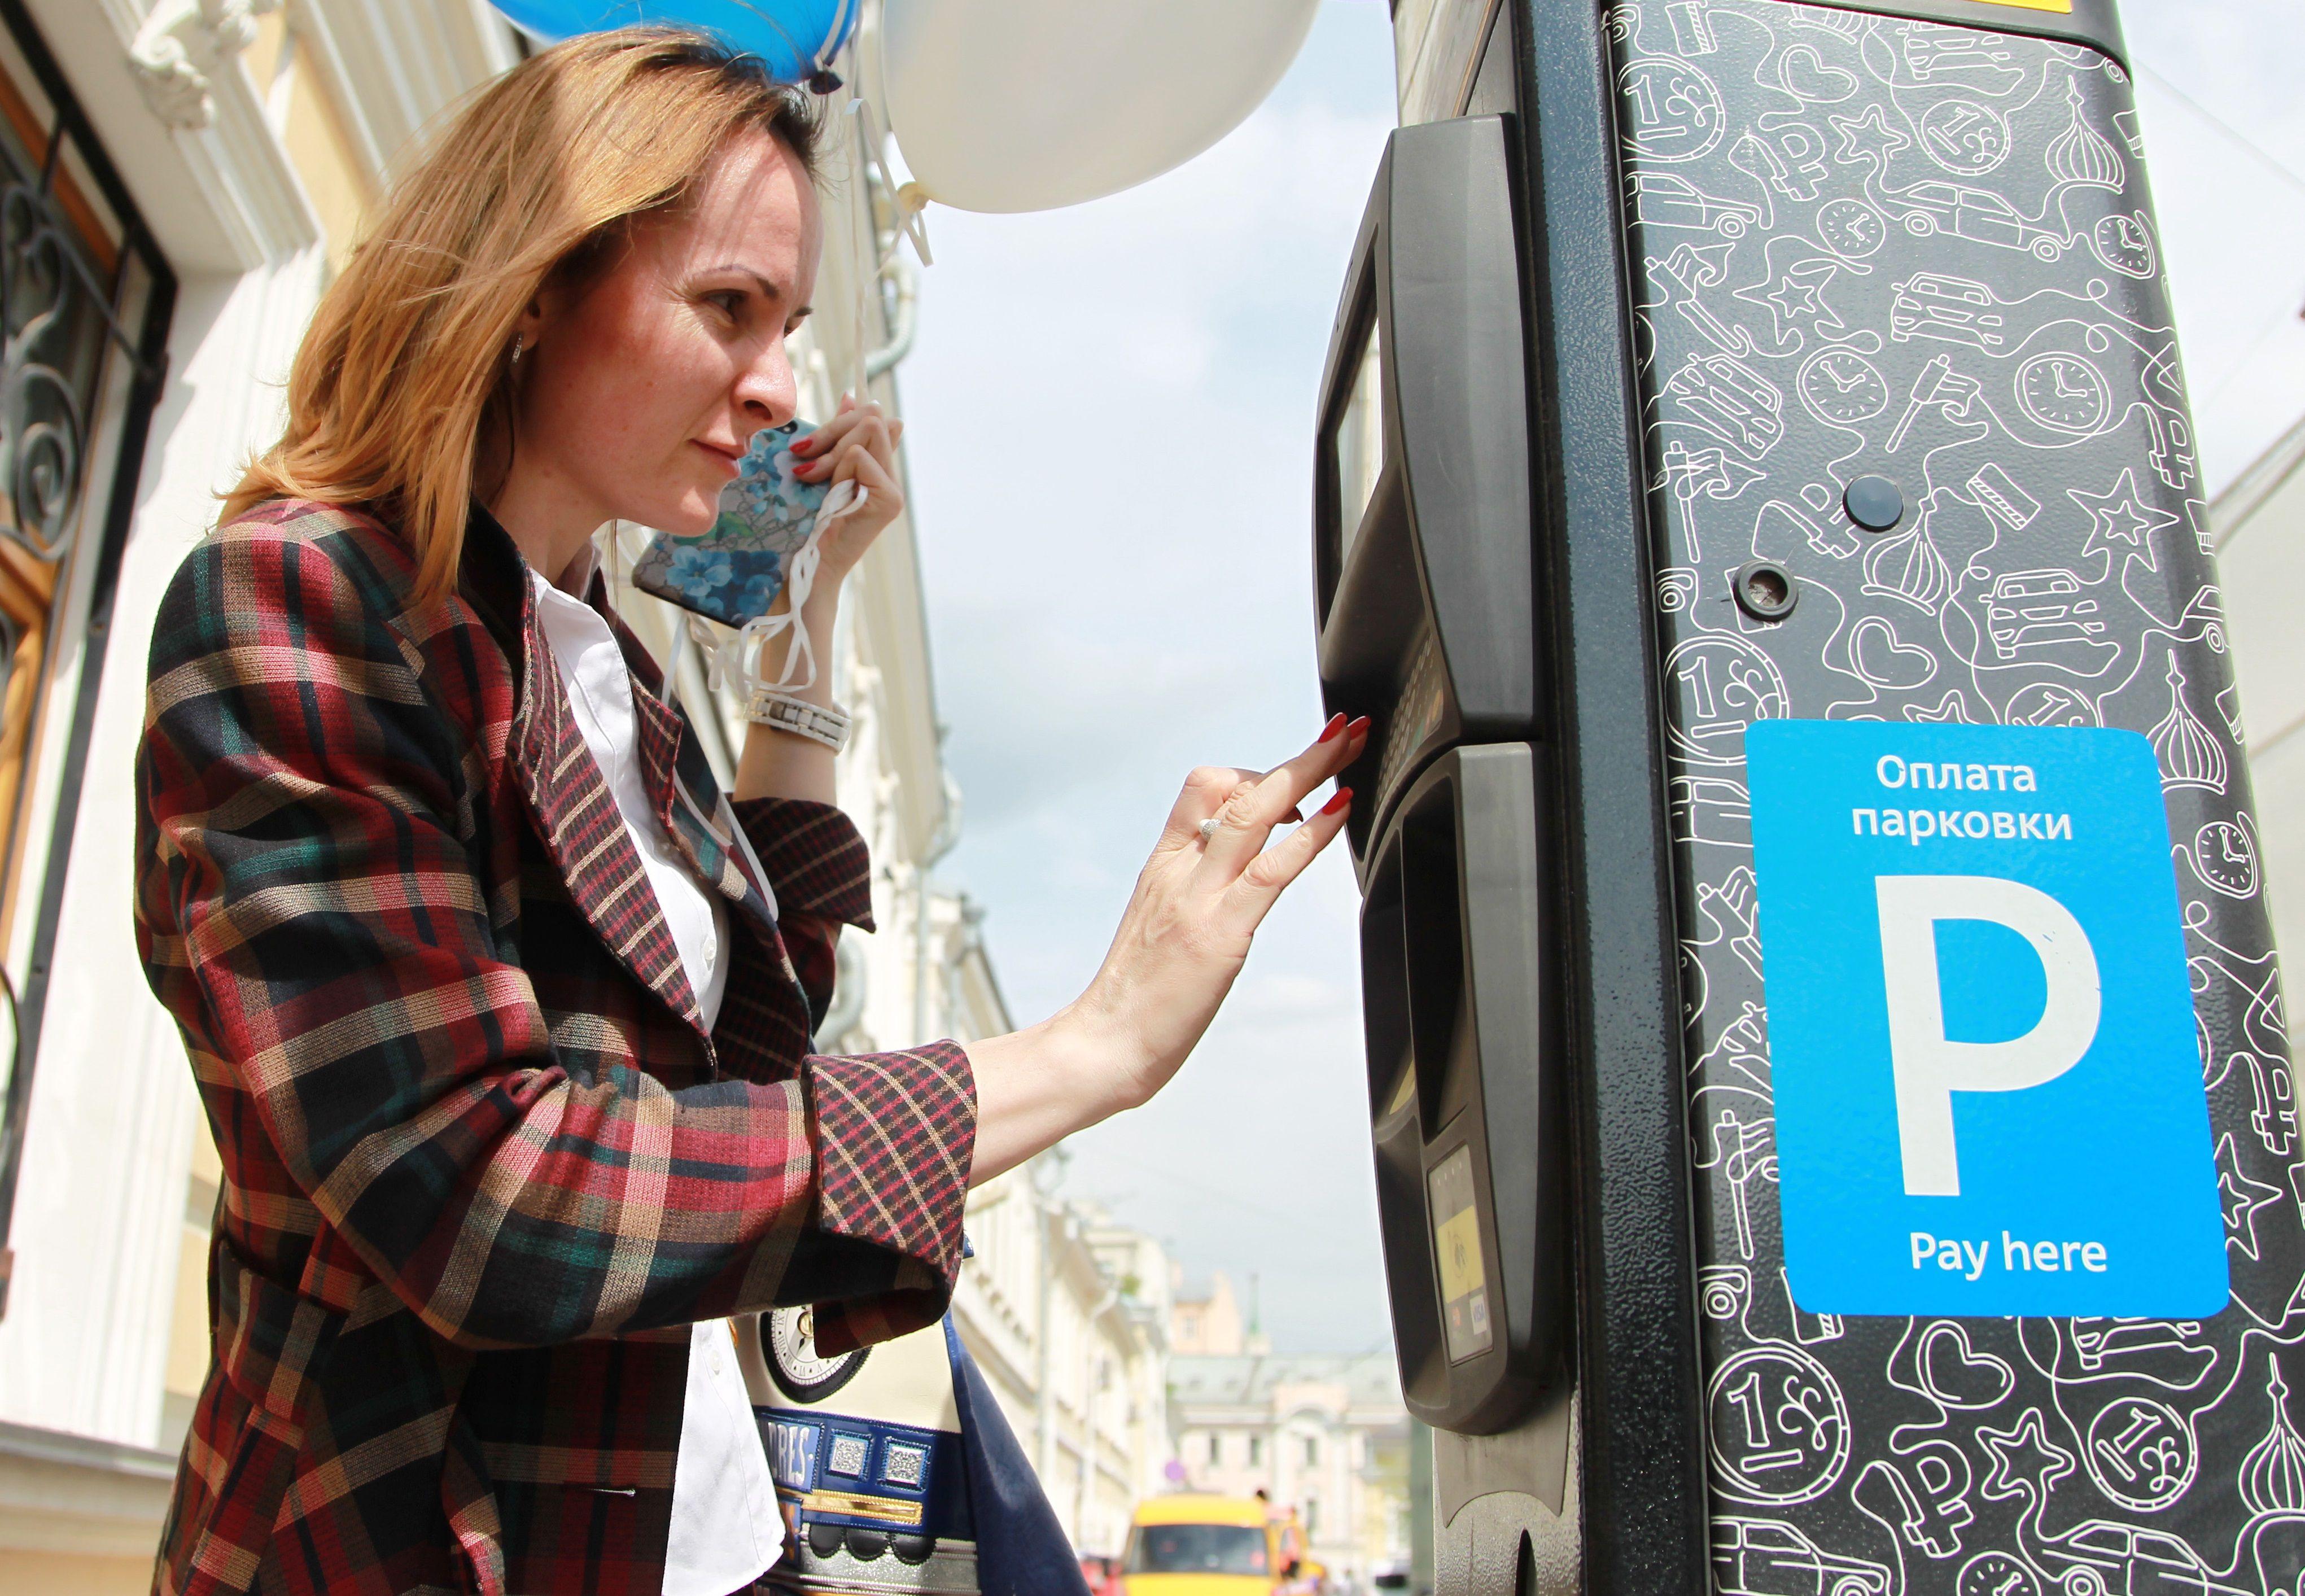 Москвичи смогут бесплатно парковаться 1 июля